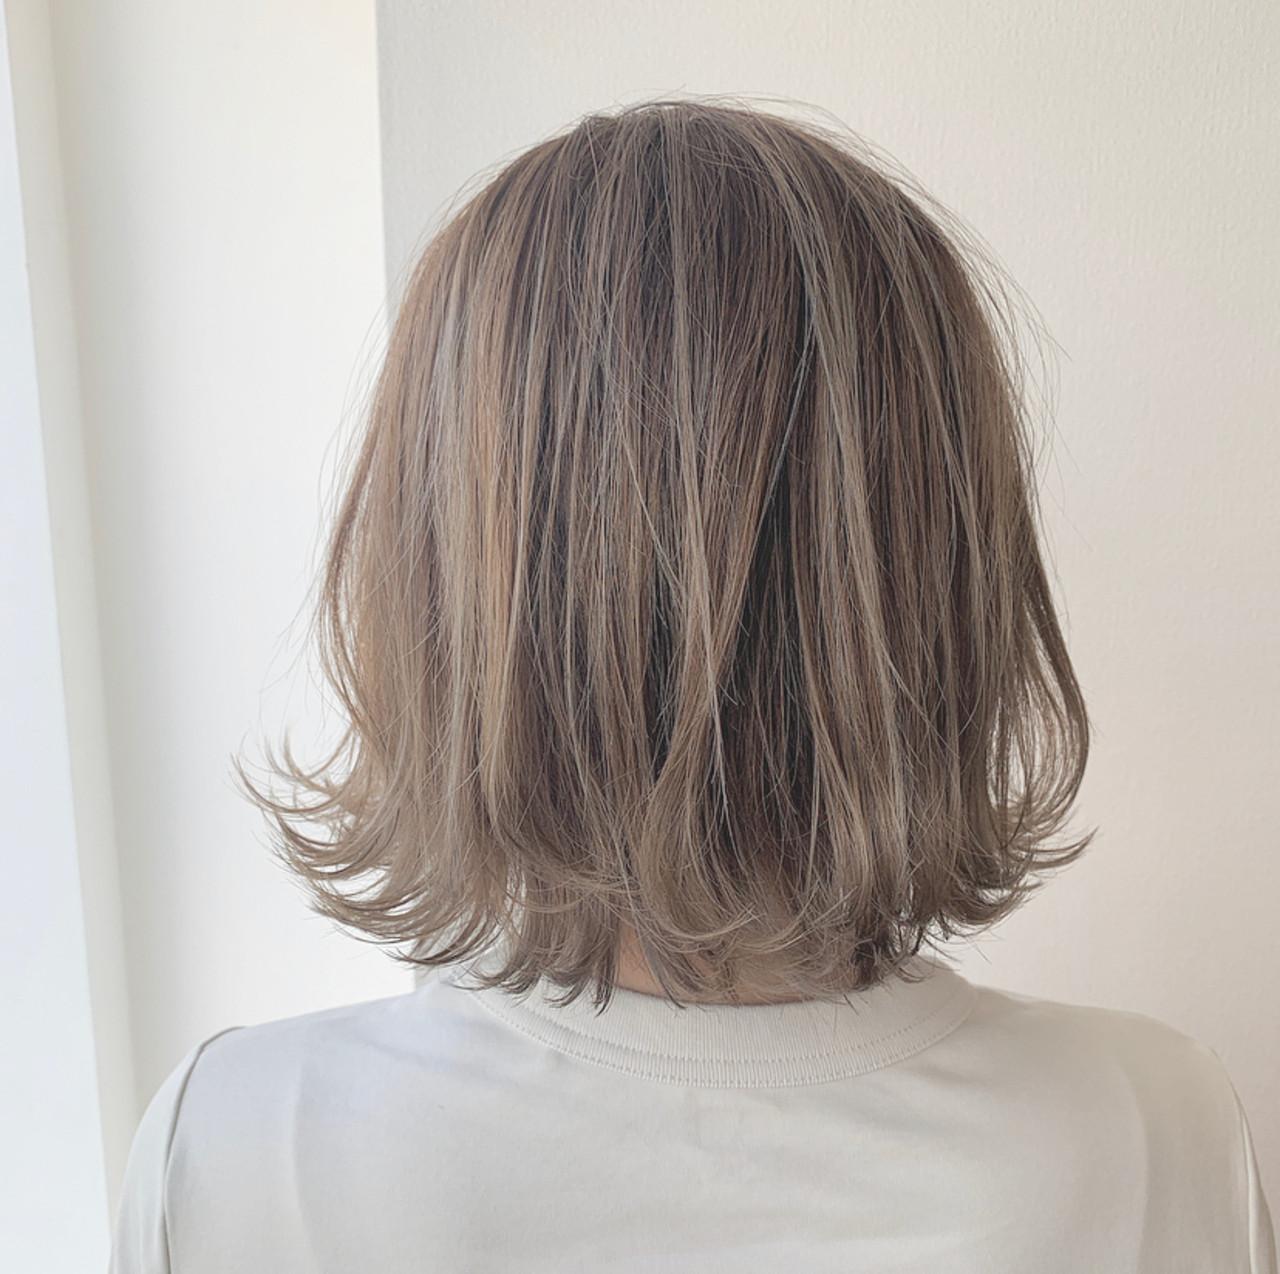 ボブ モテボブ 透明感カラー ナチュラル ヘアスタイルや髪型の写真・画像 | 透明感セミロング/Hiroyuki_Kihara / Direction